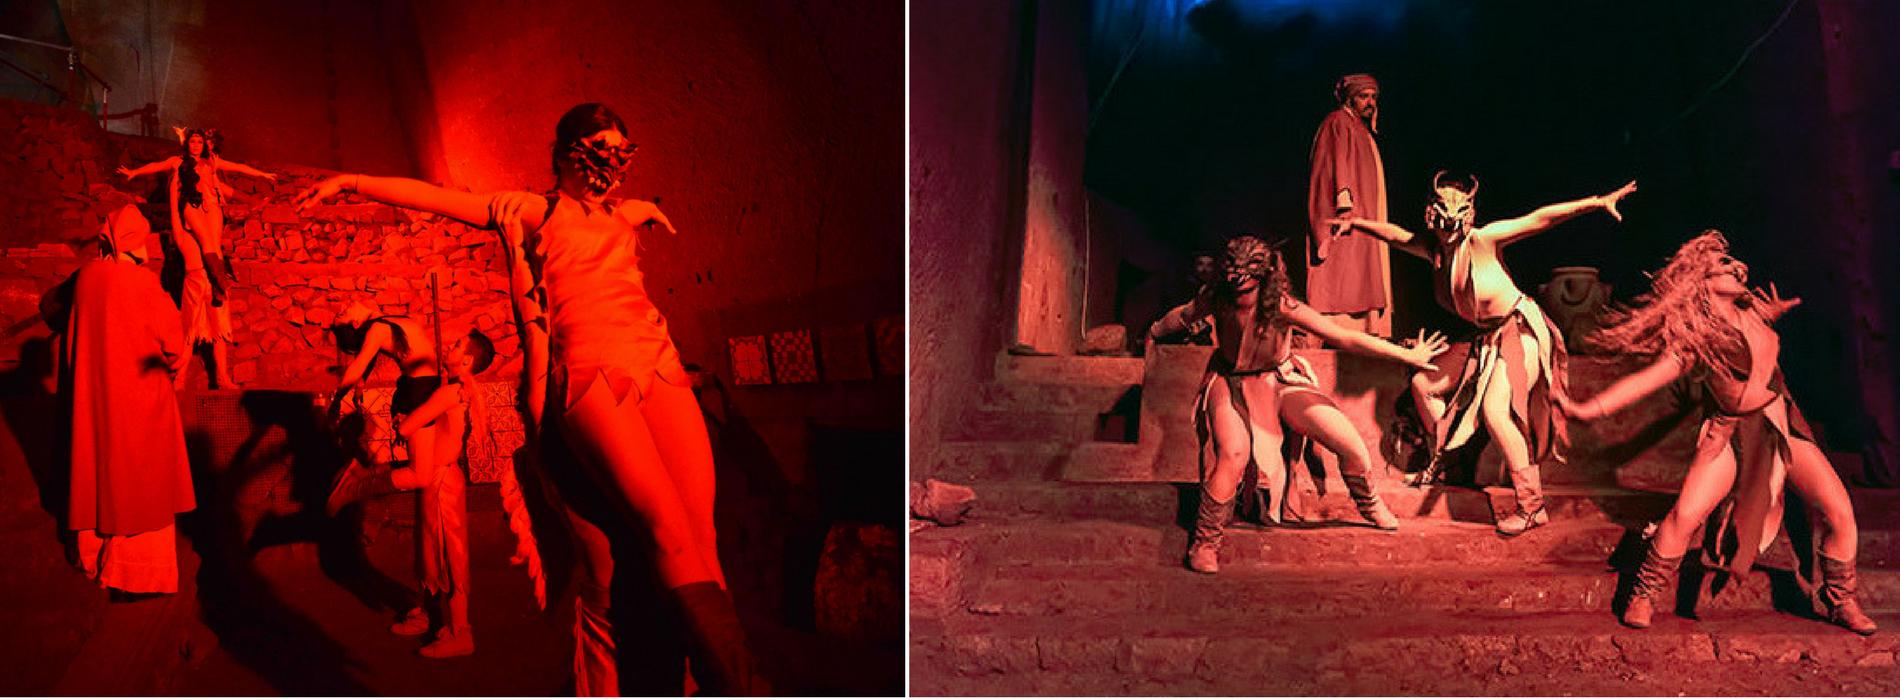 L'Inferno di Dante al Museo del Sottosuolo di Napoli